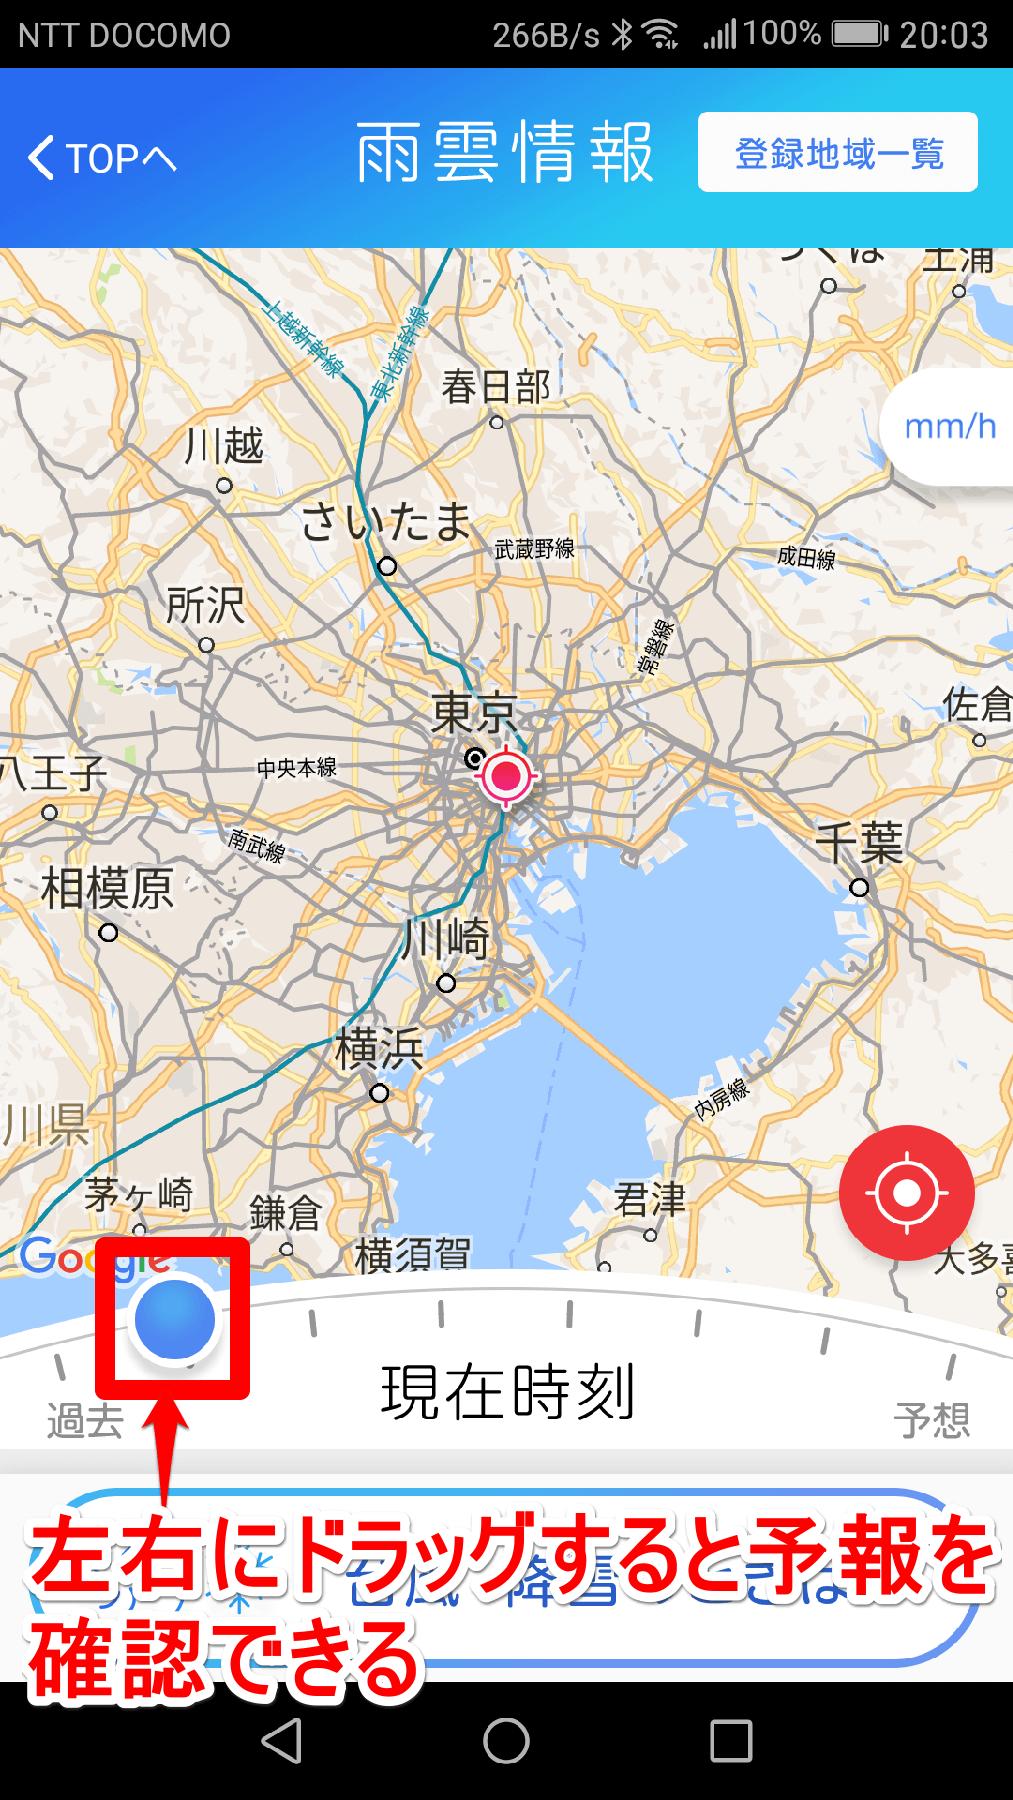 [TEPCO速報]アプリの[雨雲情報]画面